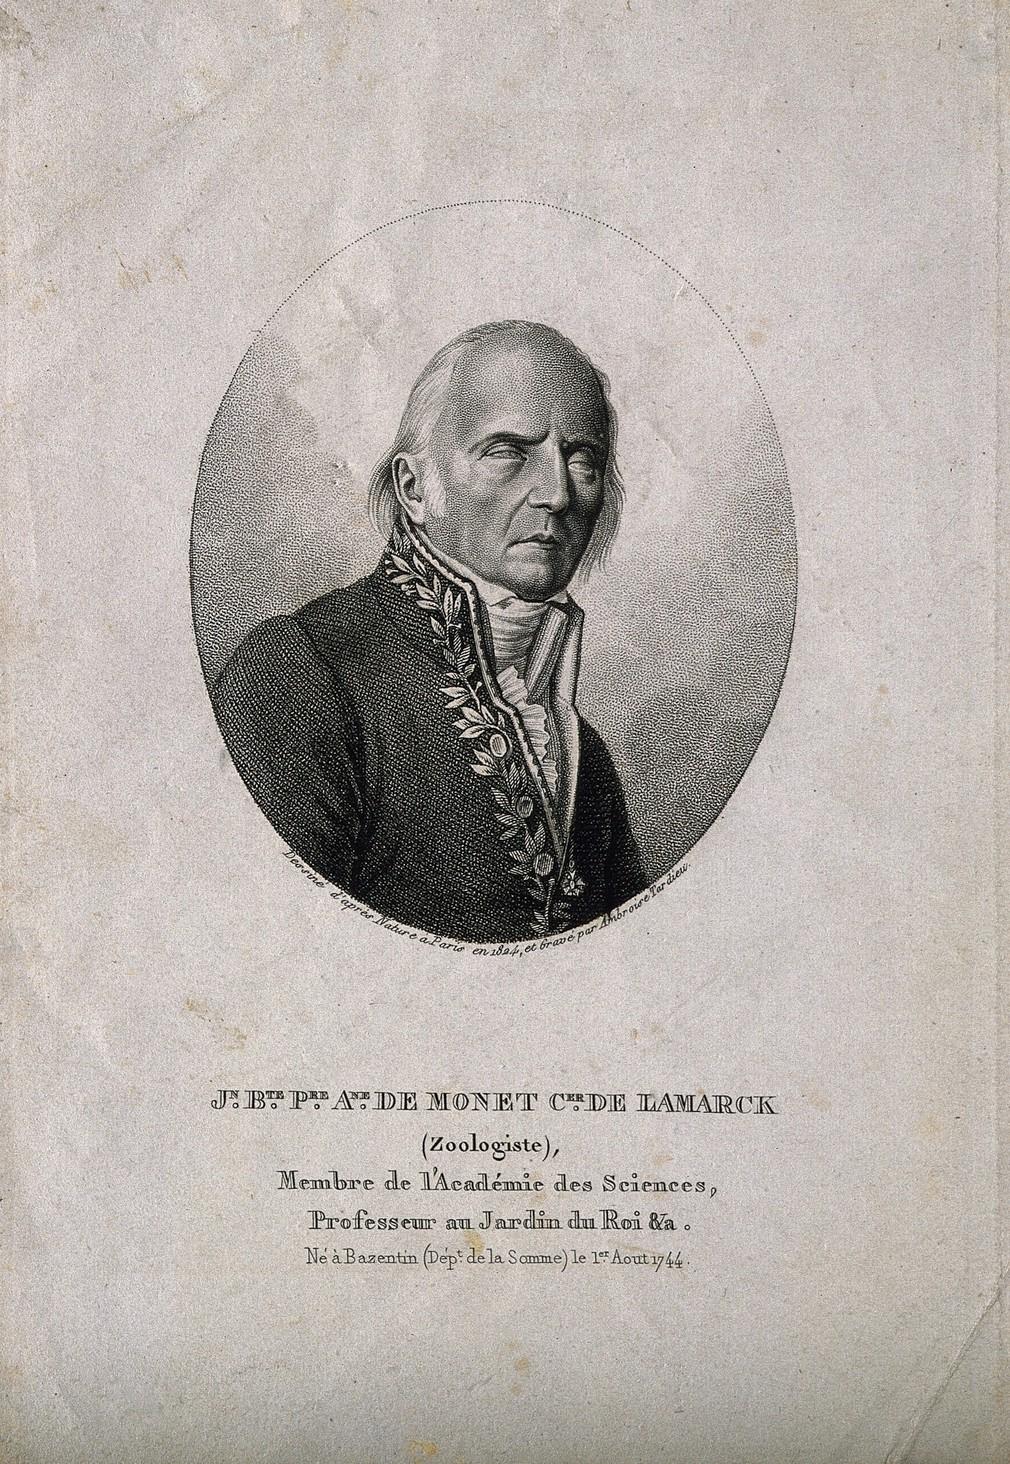 Jean-Bapteste Lamarck e la biologia